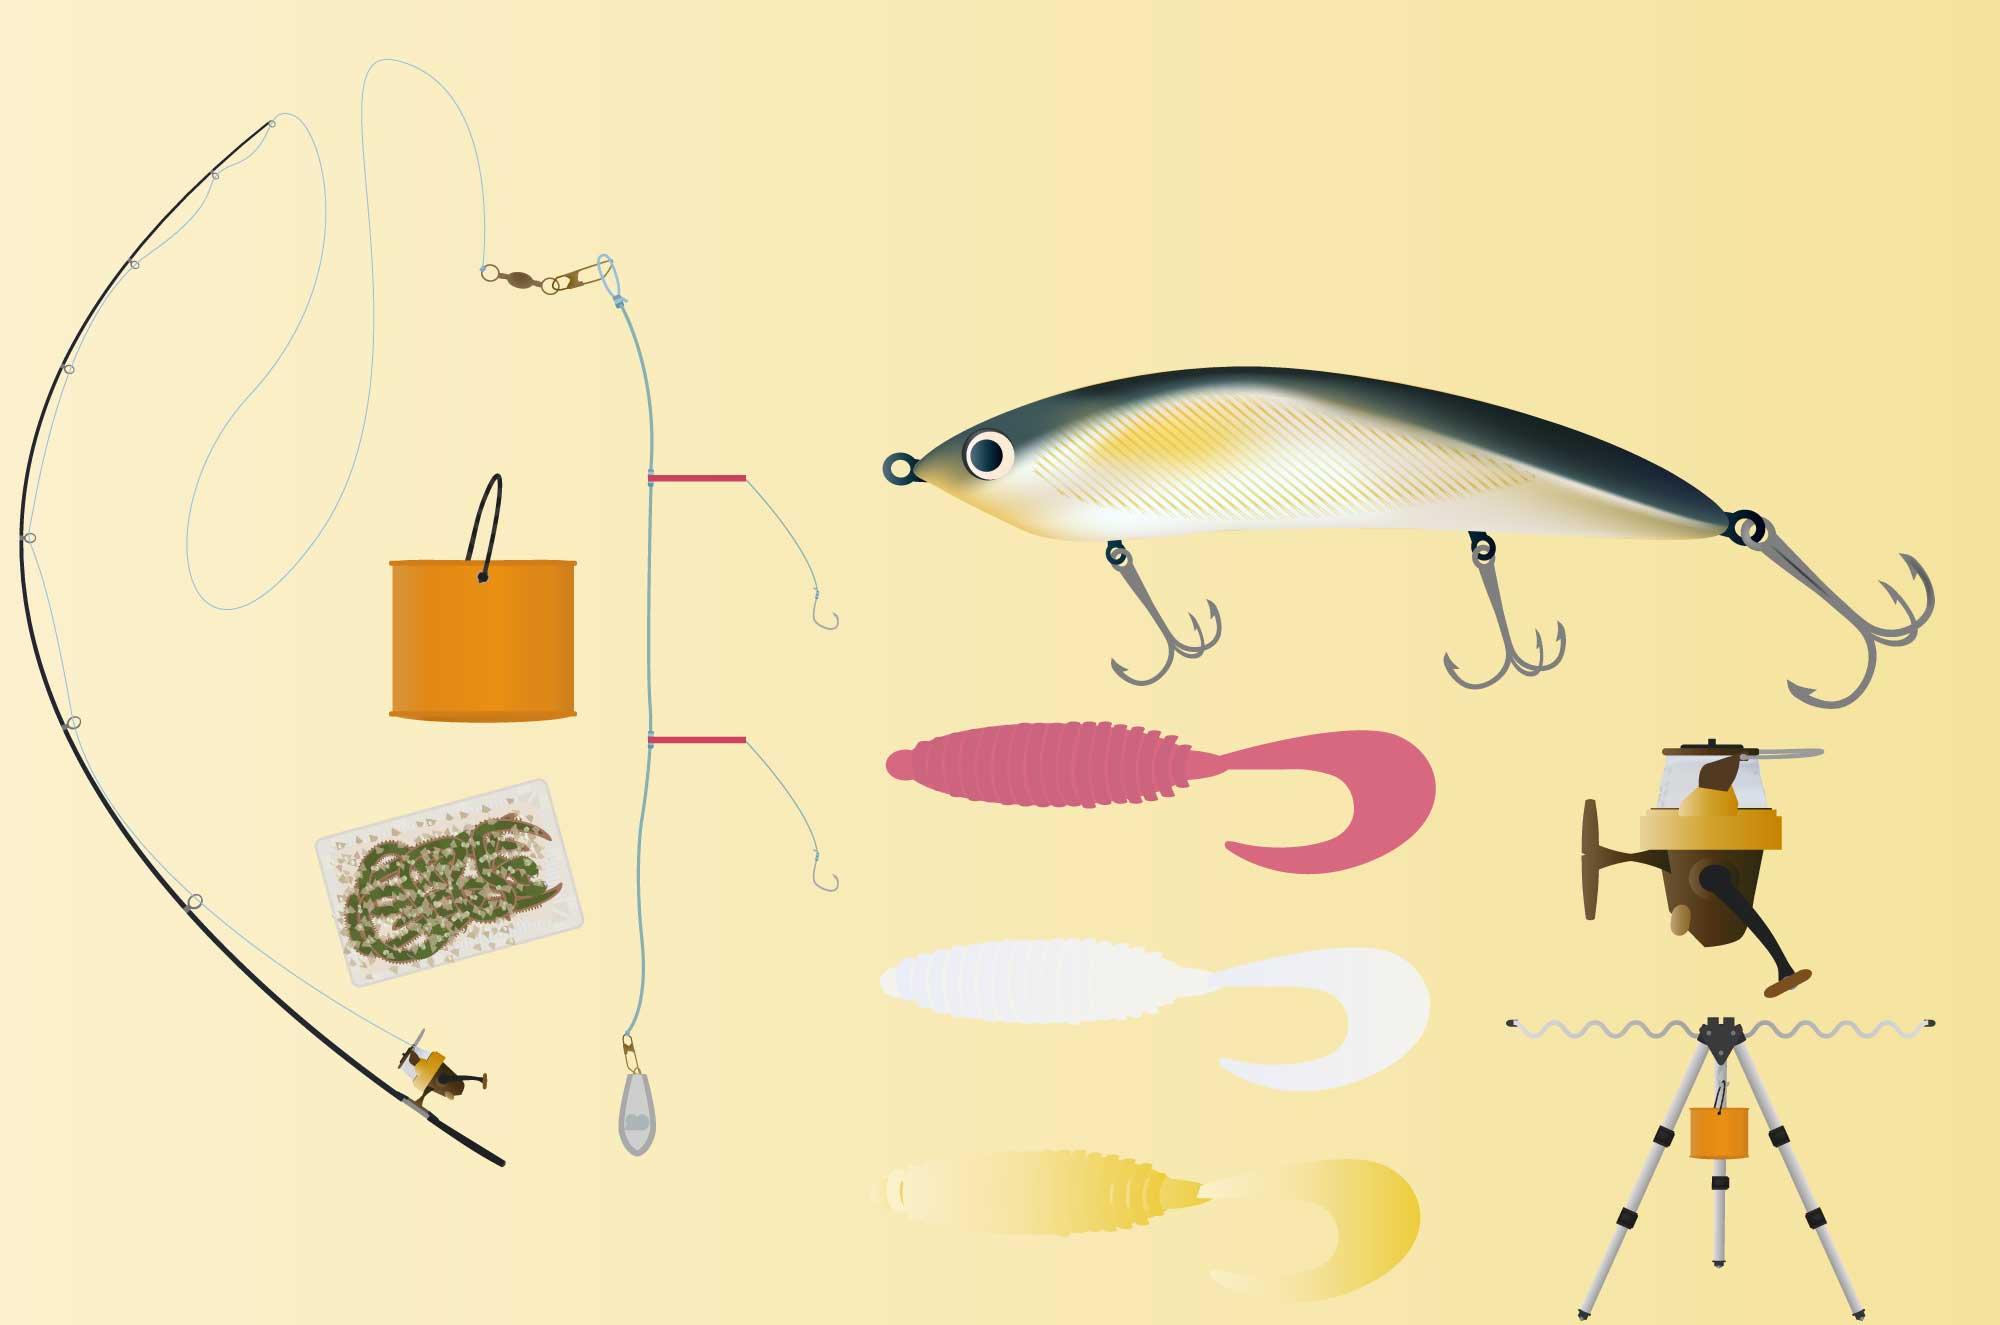 釣りのイラスト - ルアー・竿・リール・道具無料素材